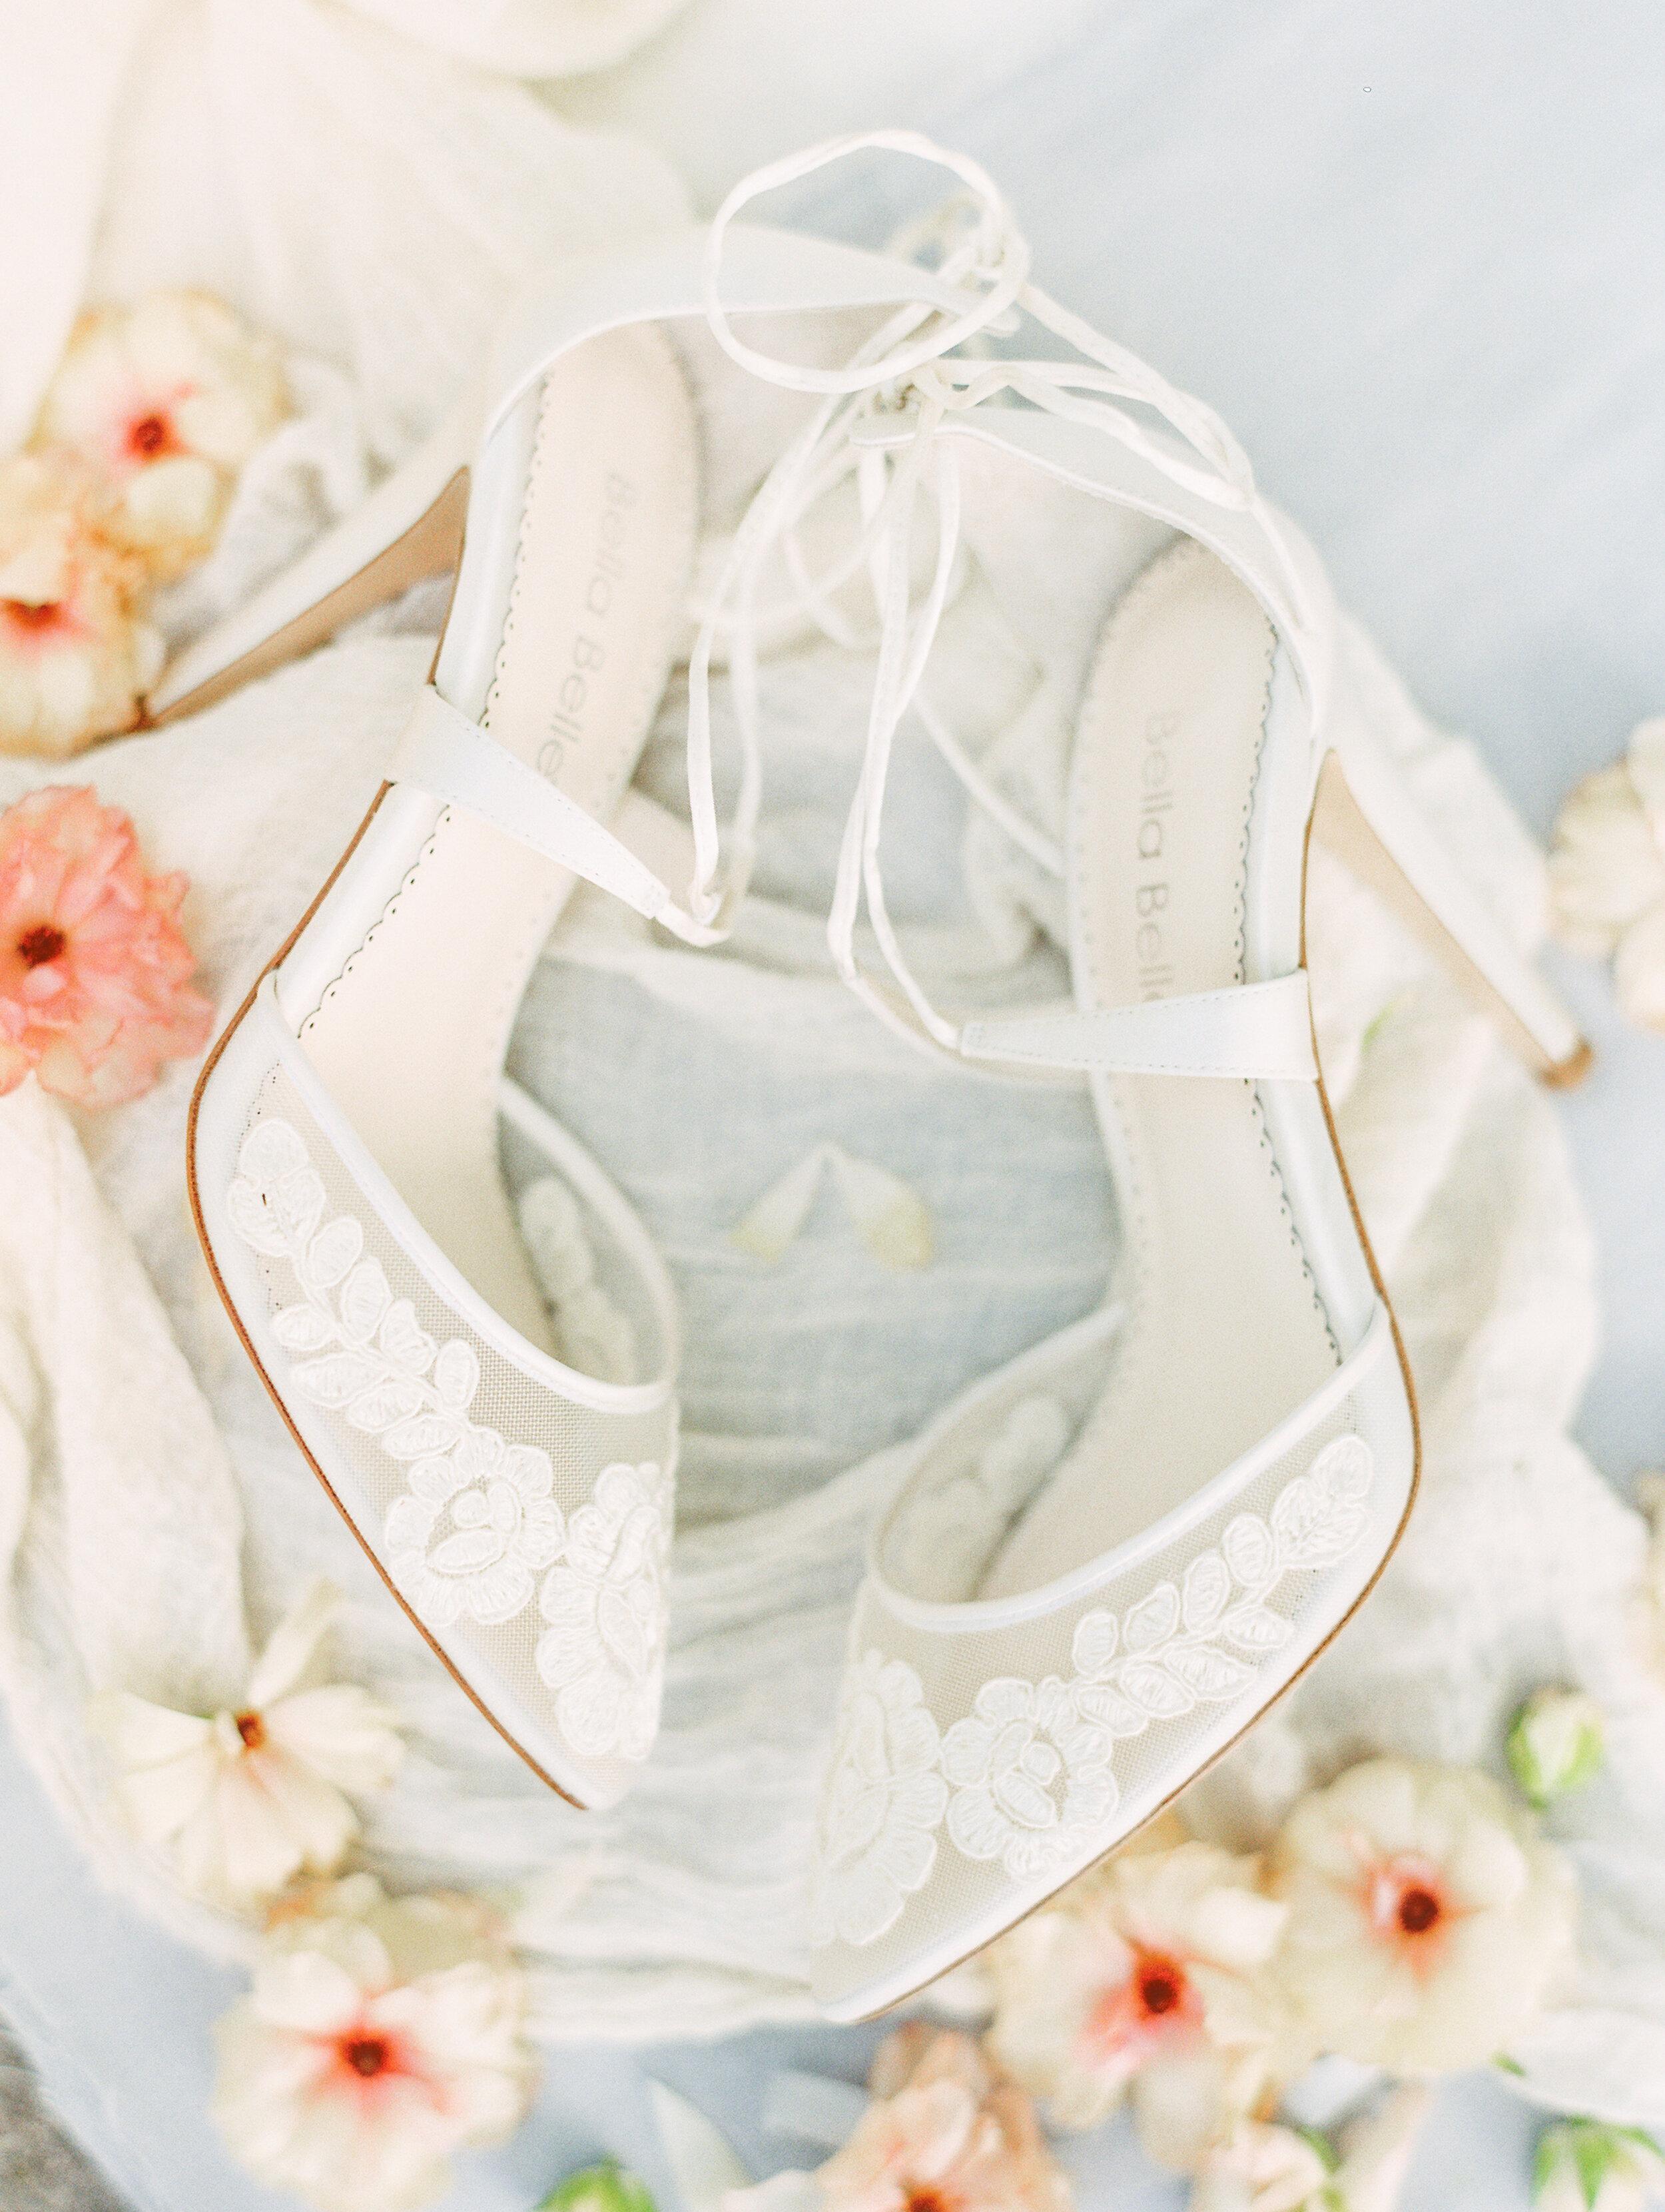 Steinlage+Wedding+Details-25.jpg